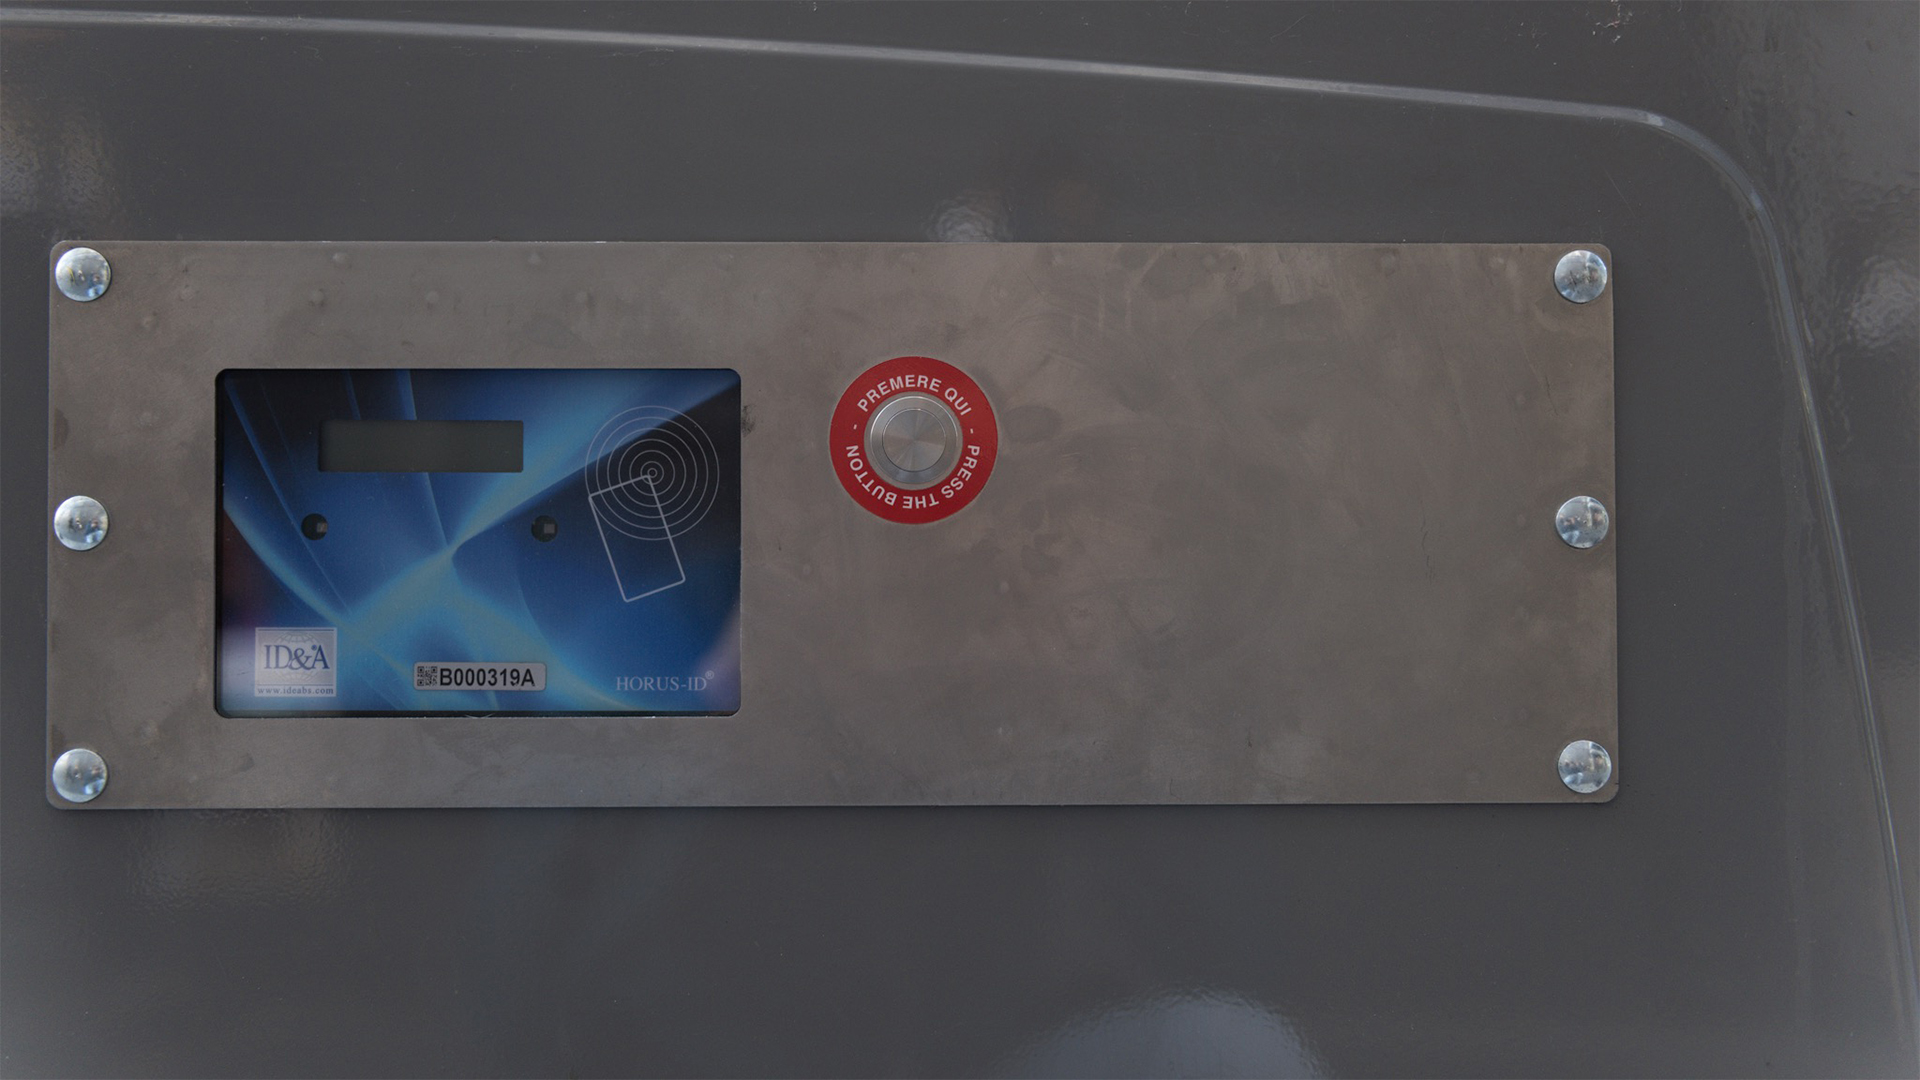 Para abrir los contenedores hay que presionar un botón y luego pasar una tarjeta magnética por la pantalla